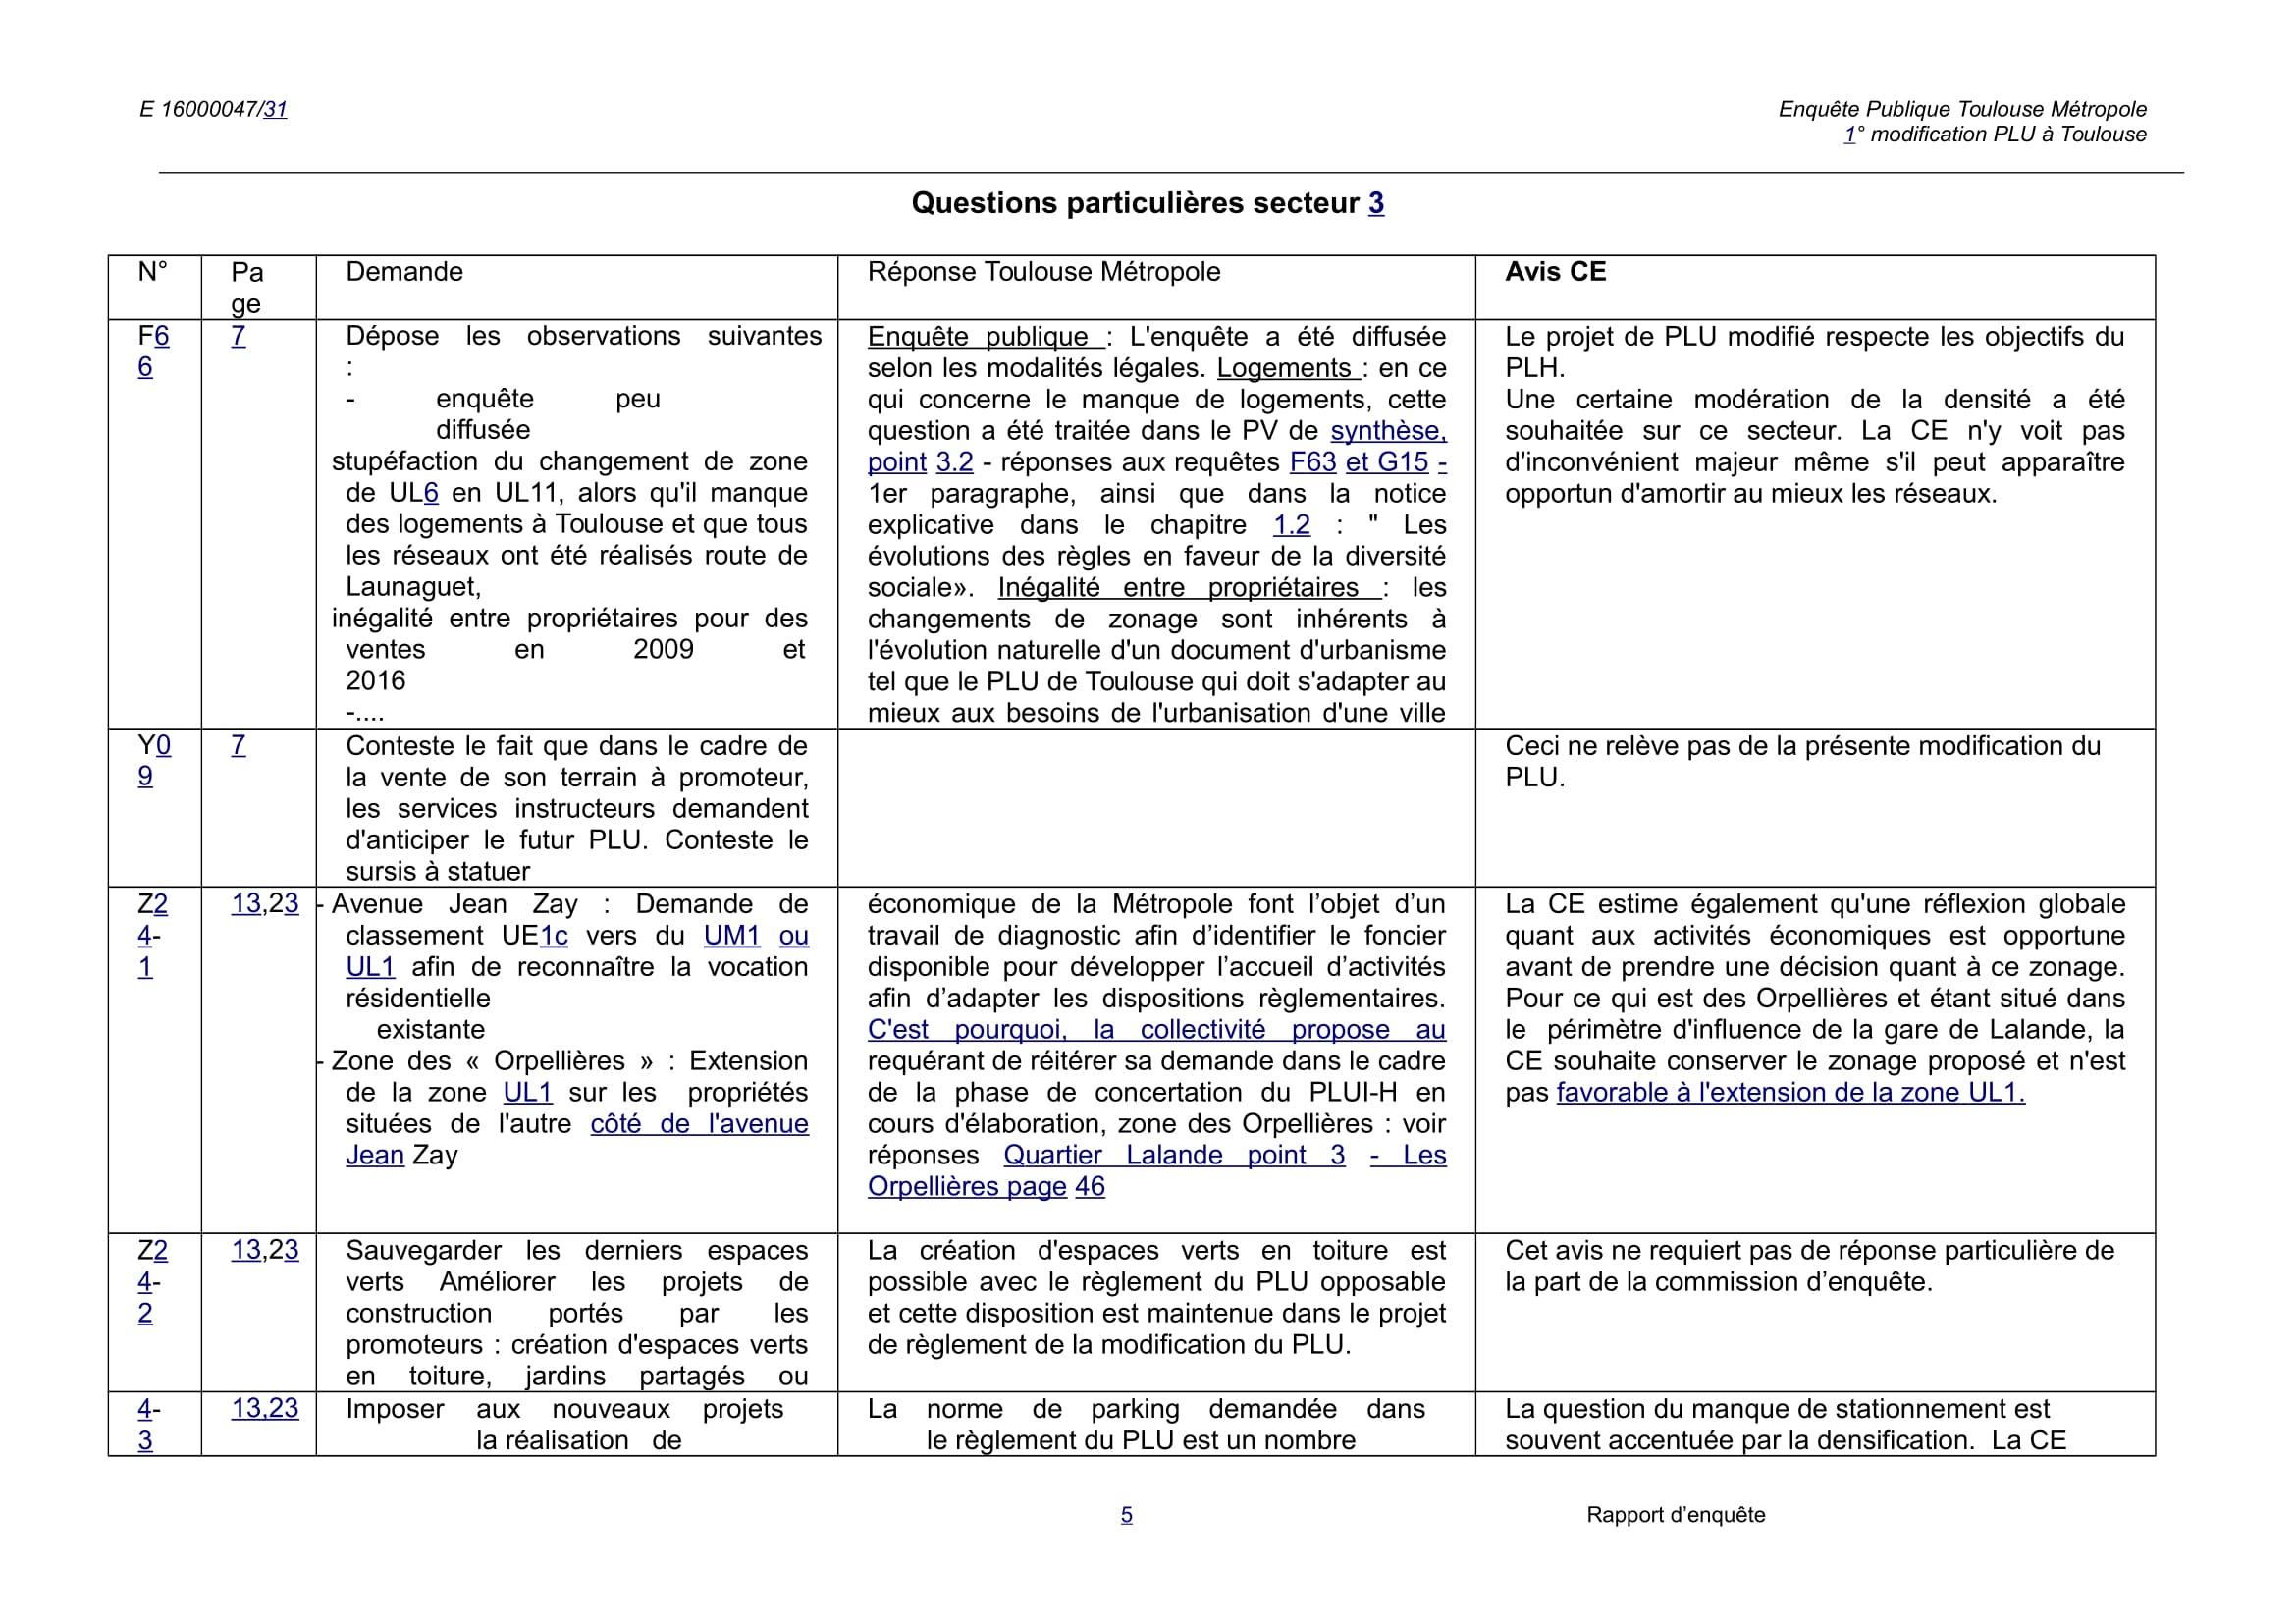 rapport_enquete_m1_toulouse-pour-blog-et-newsletter-04